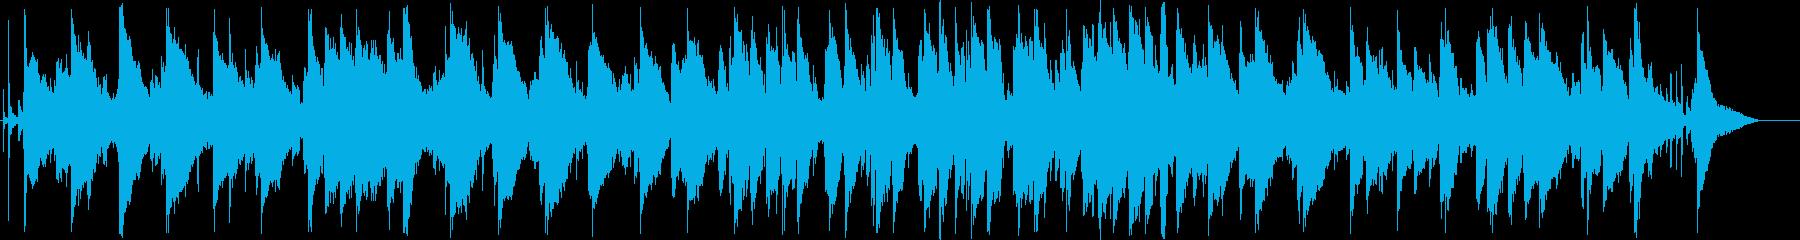 脱力感のあるシンセサイザーサウンドの再生済みの波形